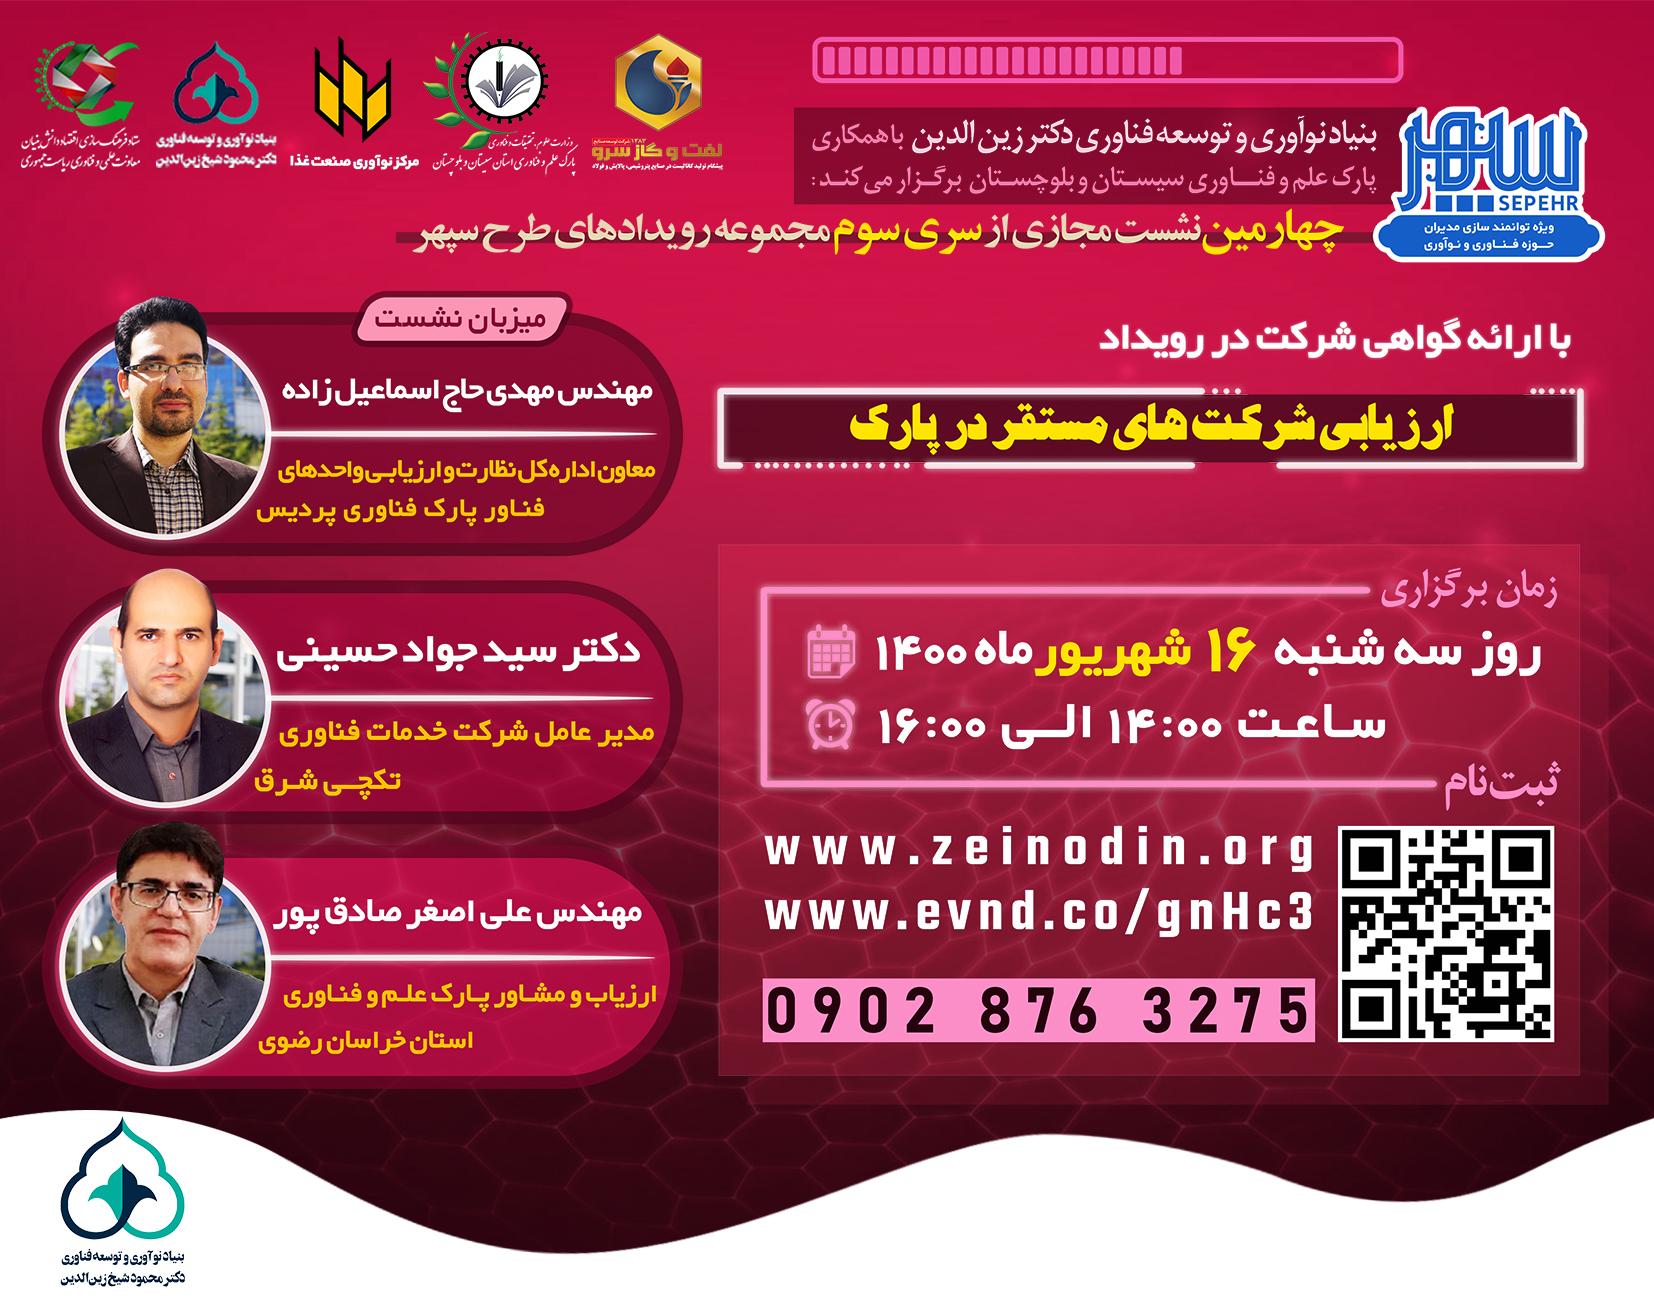 برگزاری چهارمین وبینار از دوره سوم طرح سپهر